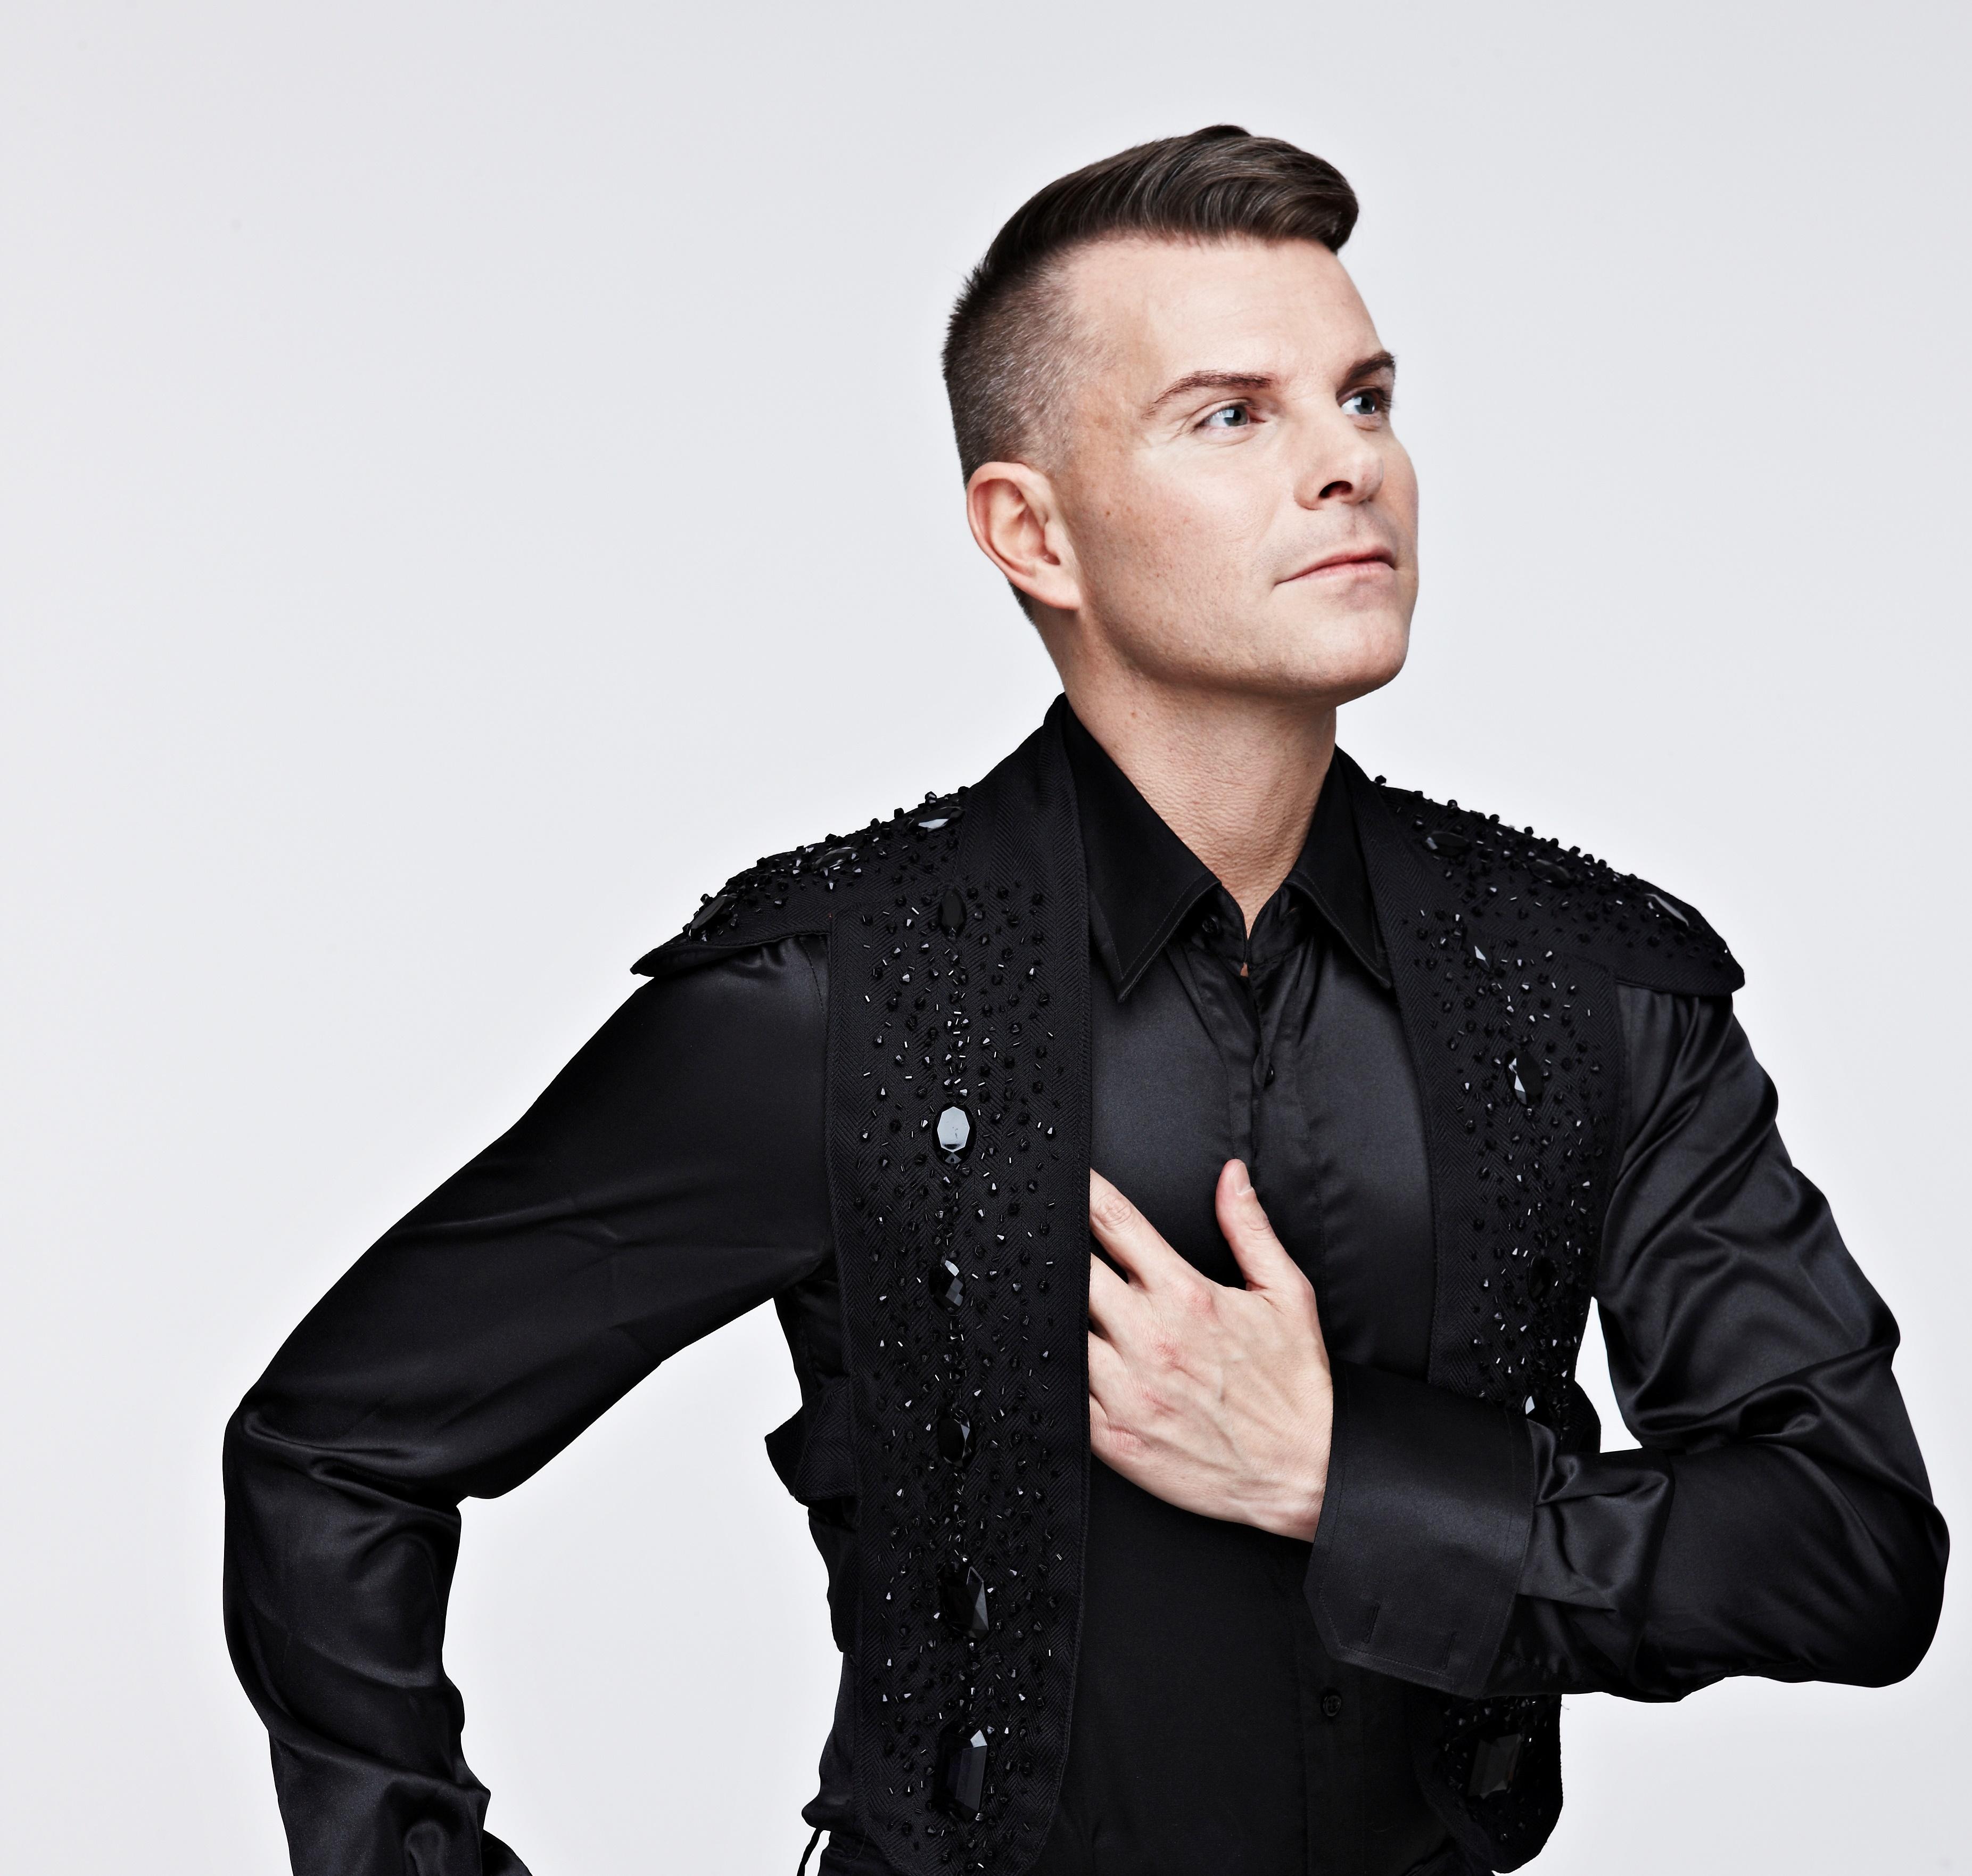 Páll Óskar in black clothes